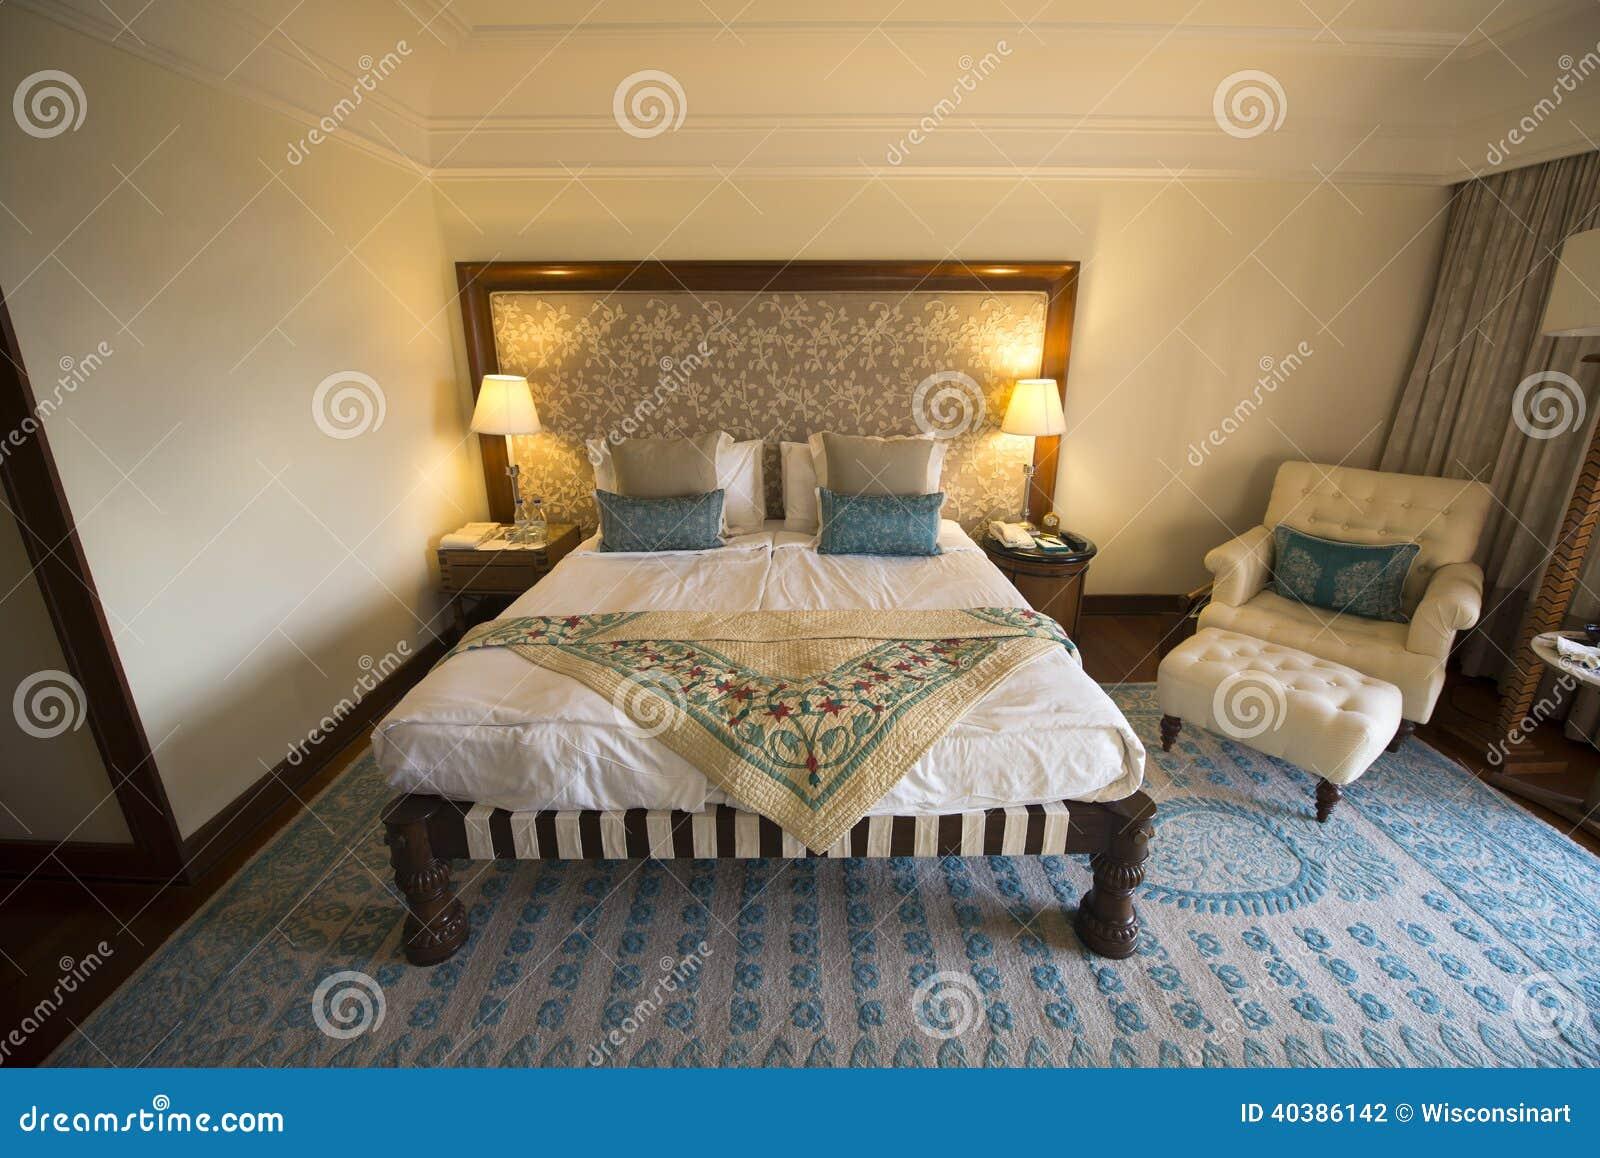 Fancy Bed And Bedroom In Luxury Resort Hotel Stock Photo Image Of Bedroom Ritz 40386142